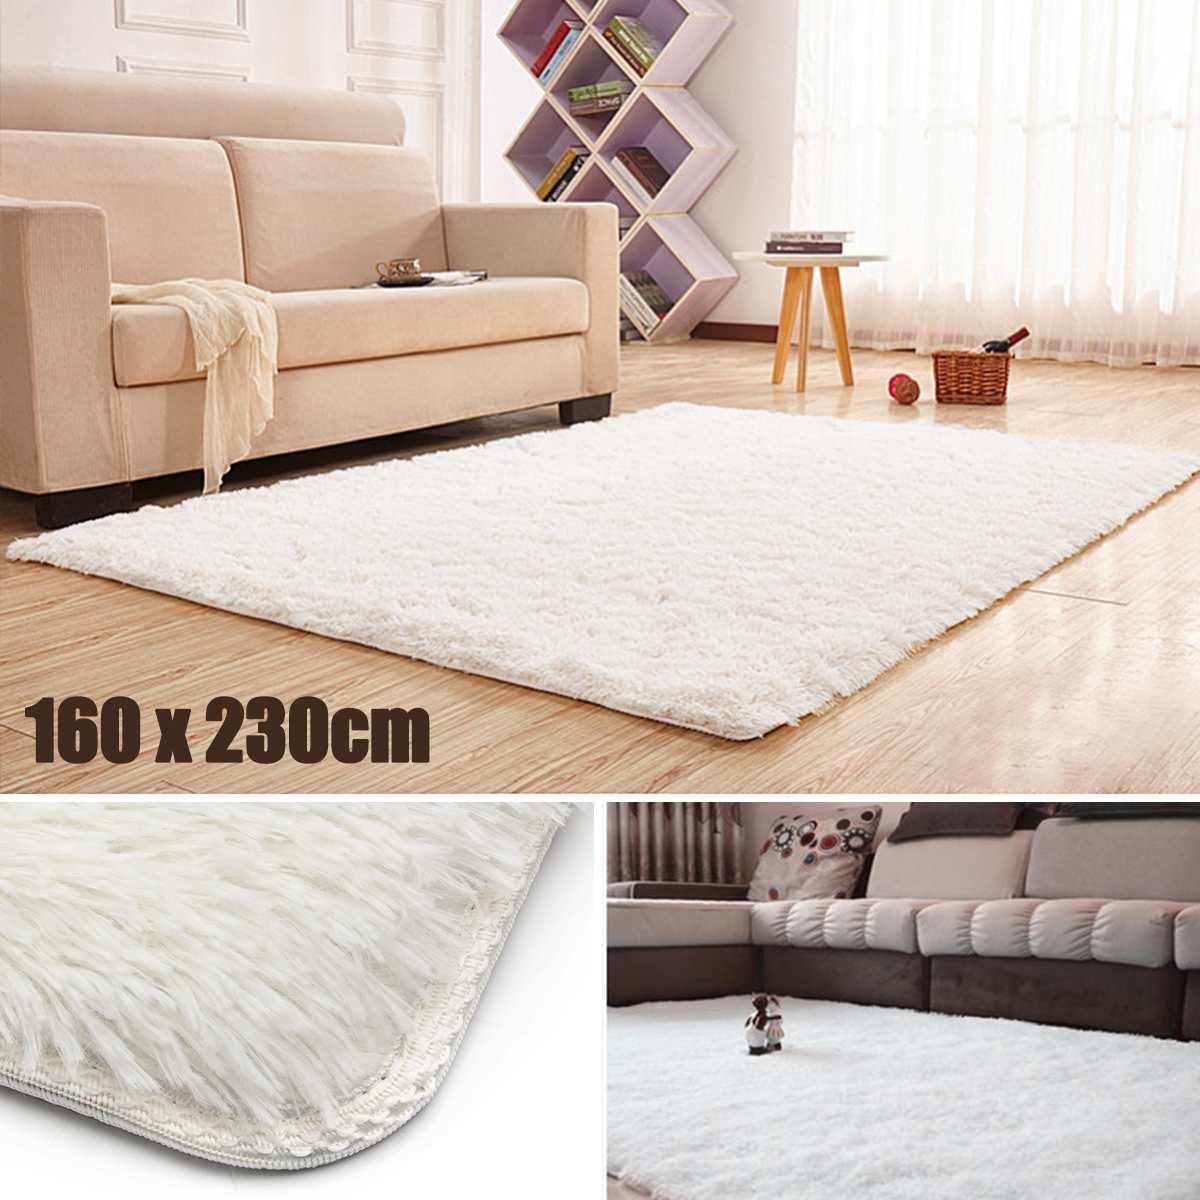 Tapis pour salon décor Long tapis de sol Shaggy chaud peluche tapis moelleux tapis enfants chambre tapis porte anti-dérapant tapis 160x230 cm